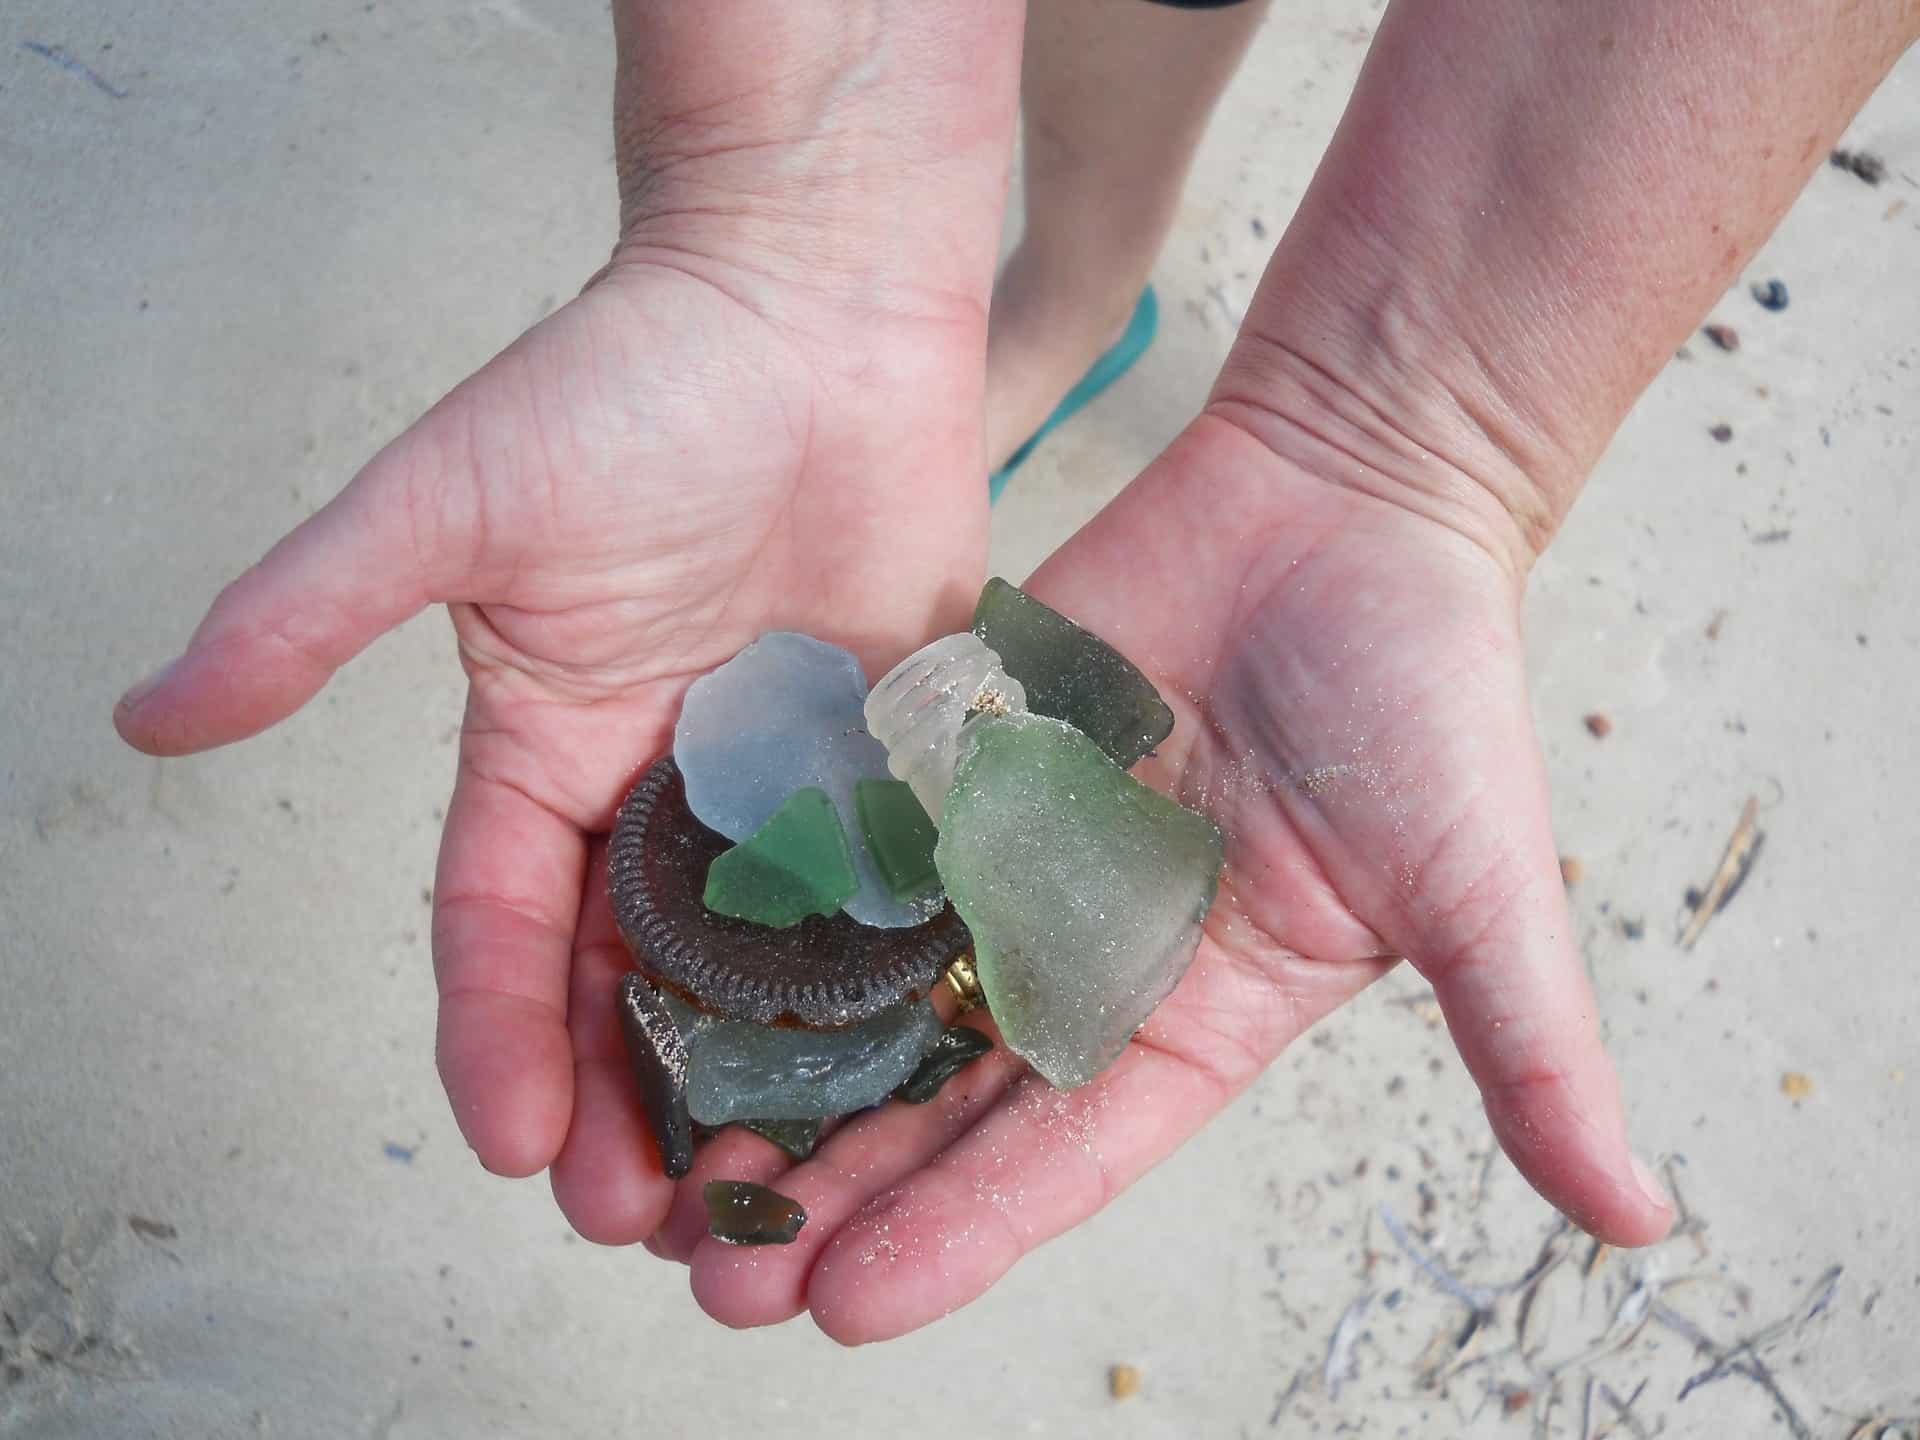 Einst nur Scherben werden die Glasstücke durch das Meer zu richtigen Schätzen